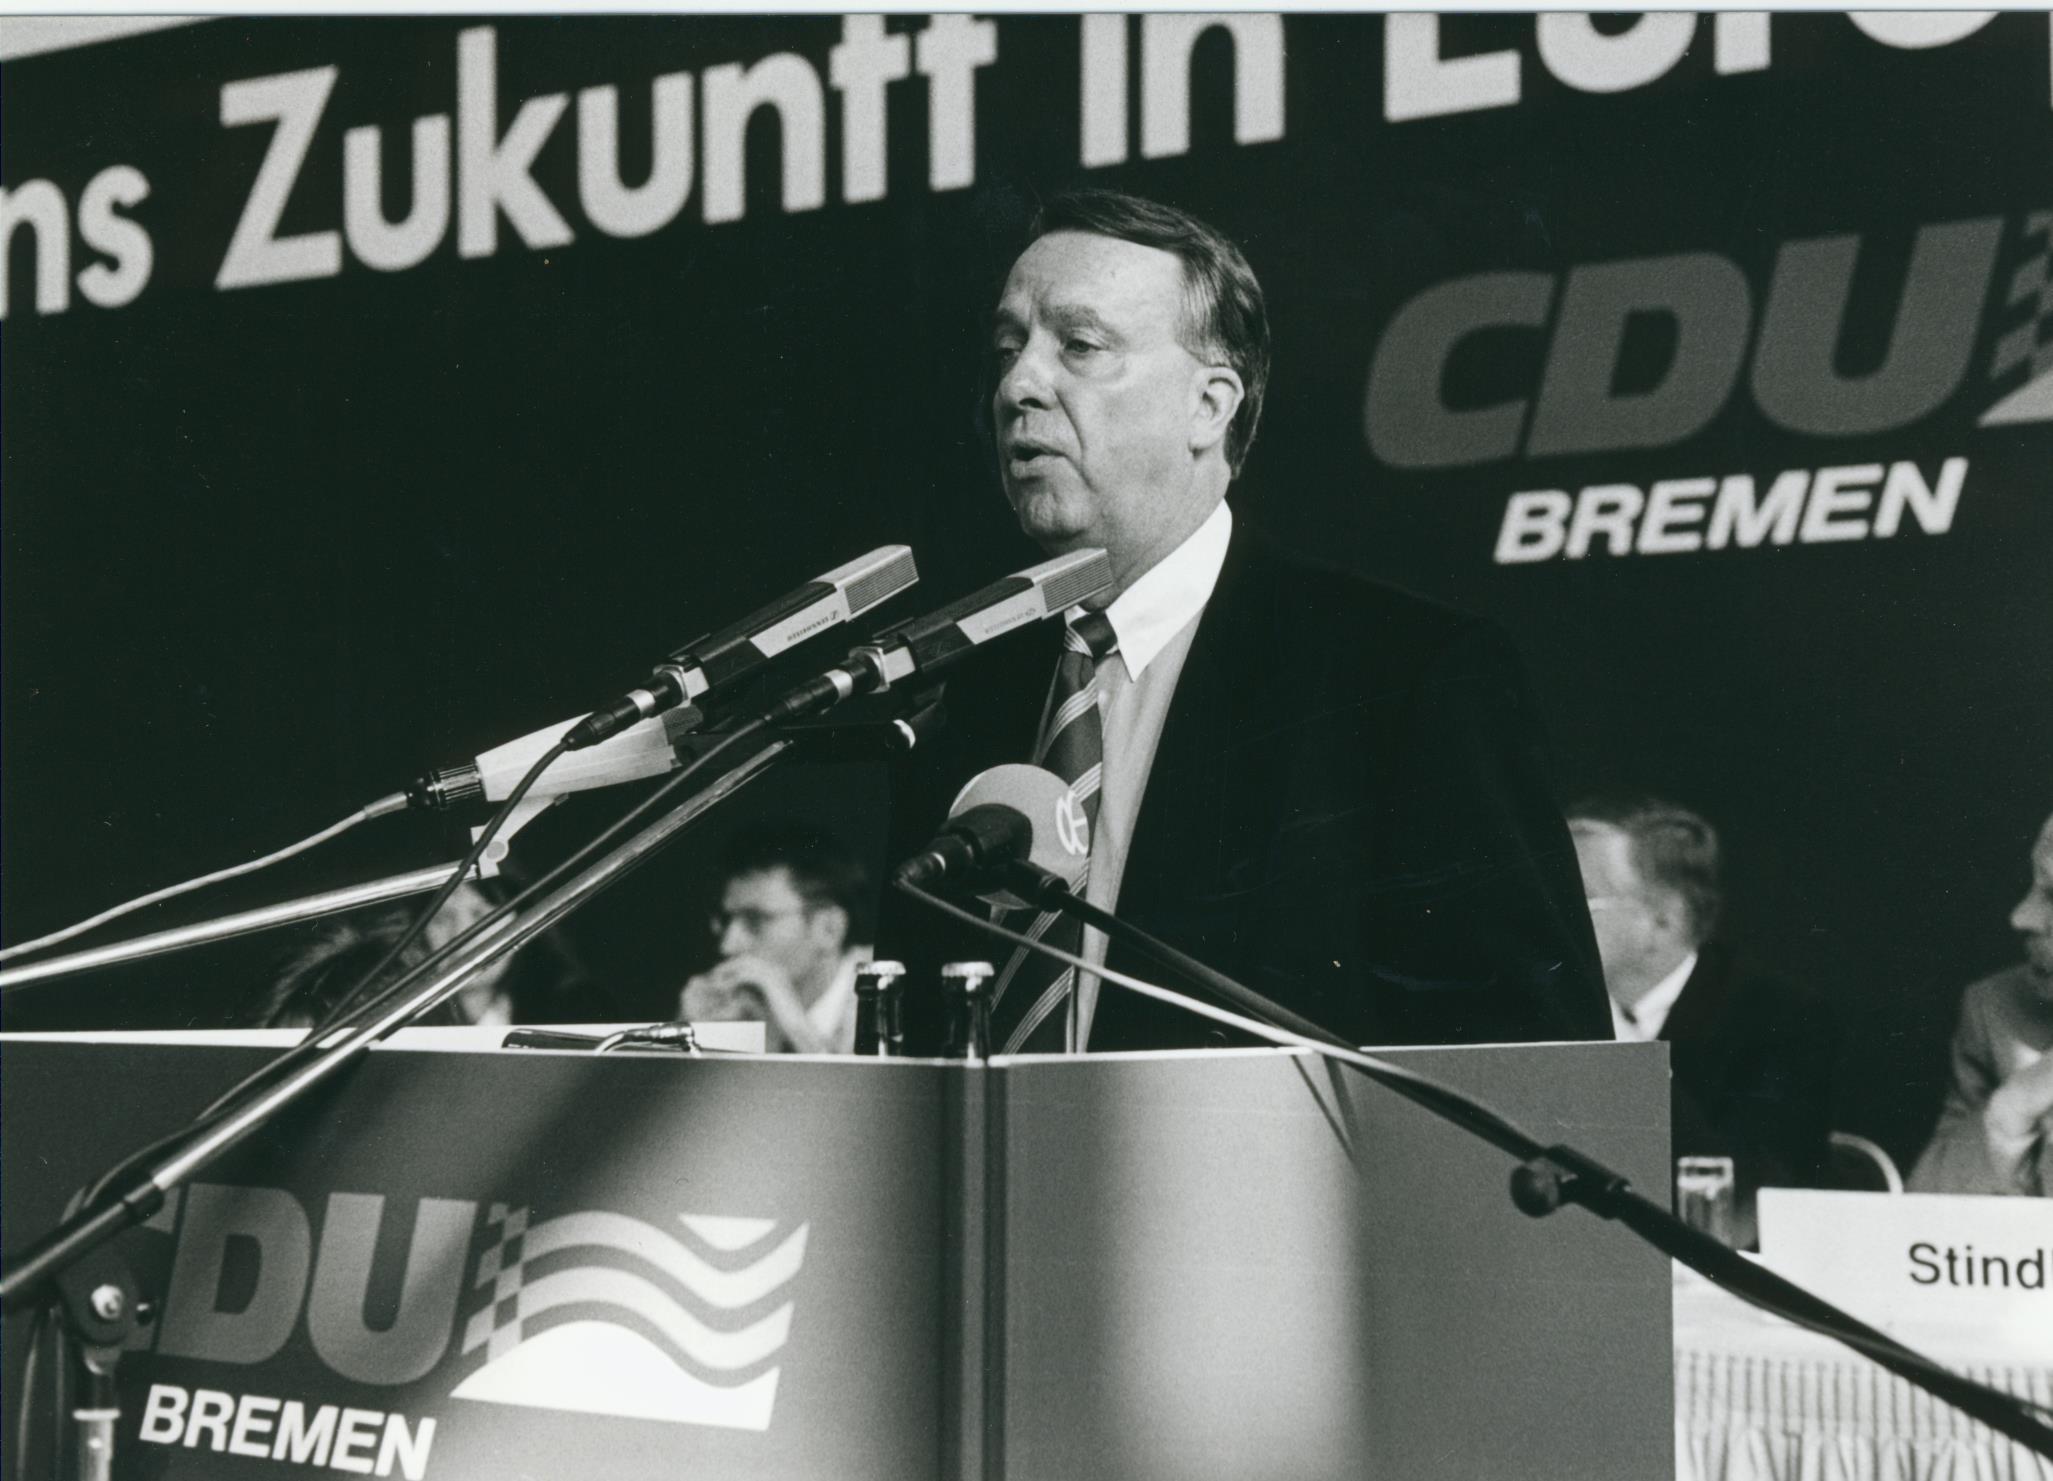 Viele Jahre der starke Mann der Bremer CDU: Bernd Neumann. Quelle: CDU Bremen